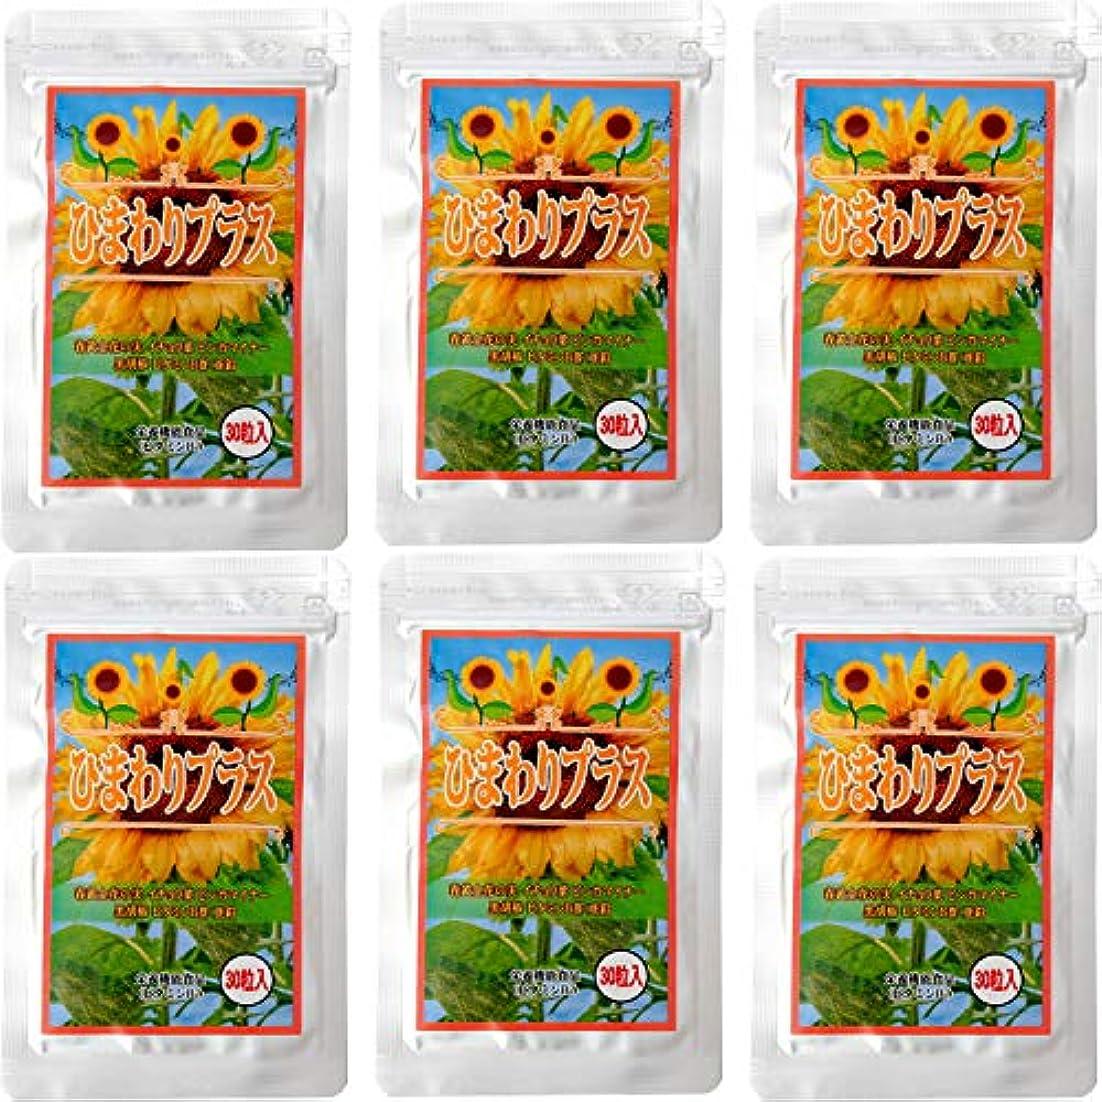 アトムブラケット近くメディワン ひまわりプラス 9g(300mg×30粒) 【6袋セット】 栄養機能食品 ビタミンB1